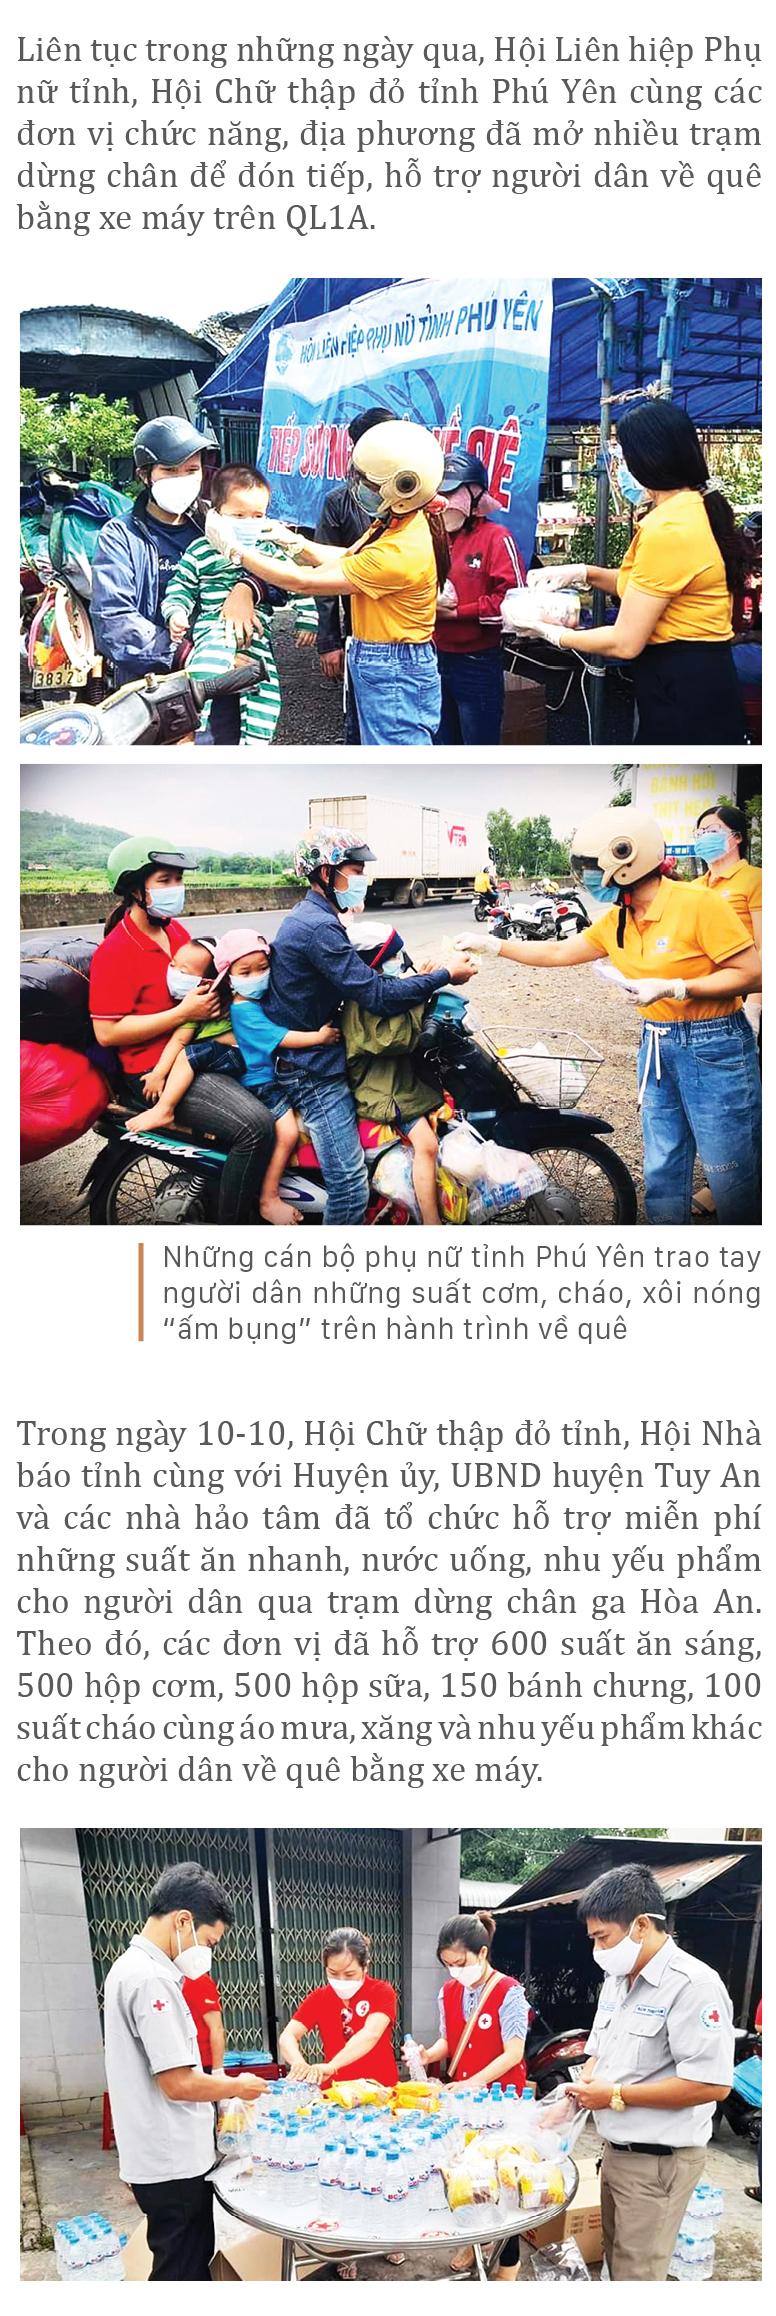 Nồng ấm nghĩa tình miền Trung hỗ trợ dòng người về quê ảnh 41